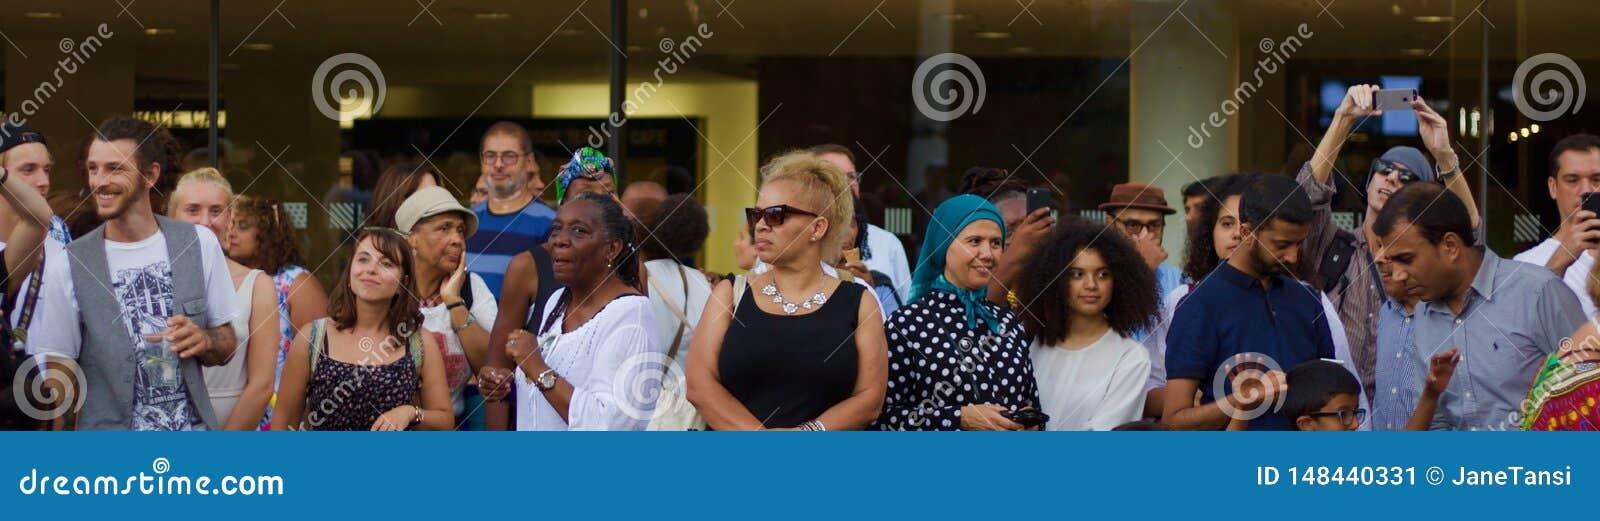 2018年7月21日-伦敦,英国:在非洲乌托邦音乐节的观众在伦敦的Southbank